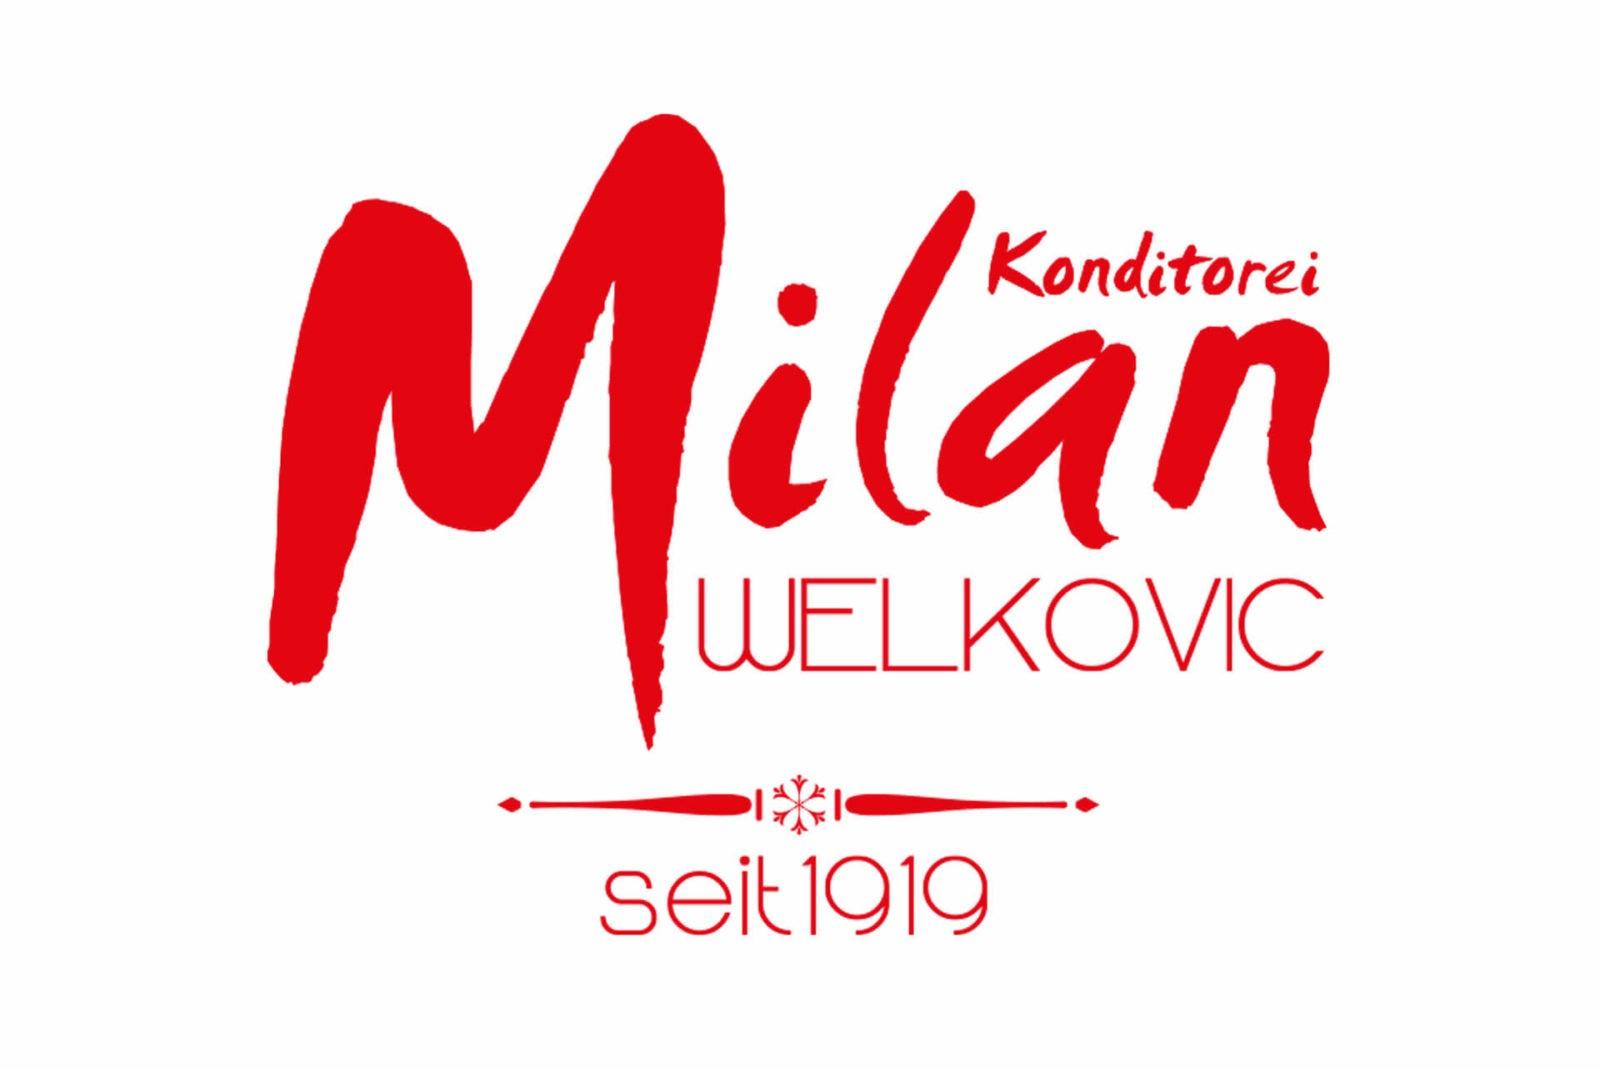 Kunde Konditorei Milan Welkovic Logo